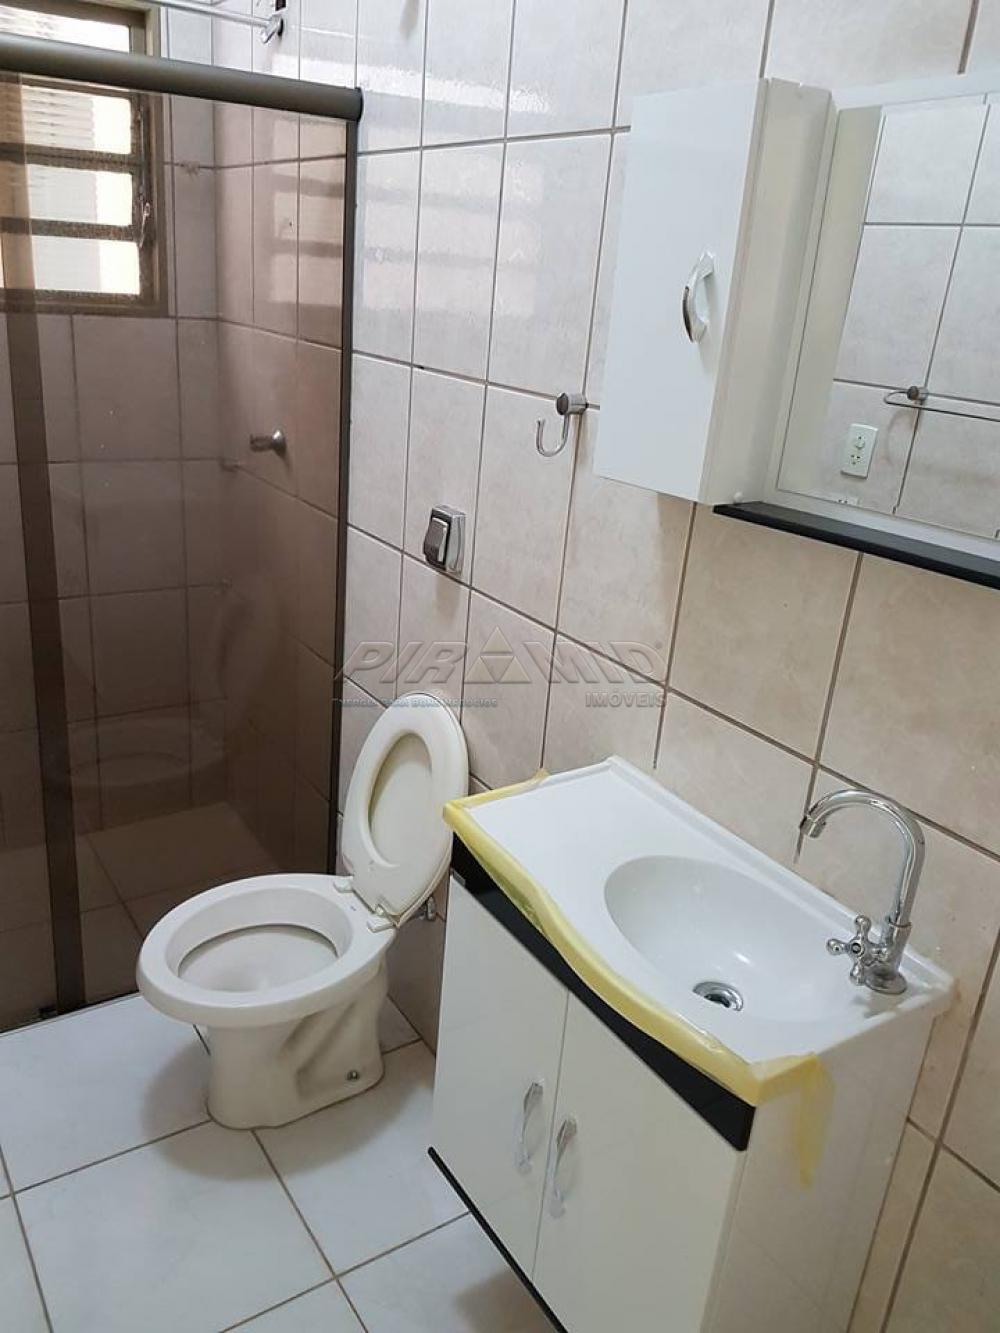 Comprar Casa / Padrão em Ribeirão Preto apenas R$ 200.000,00 - Foto 9